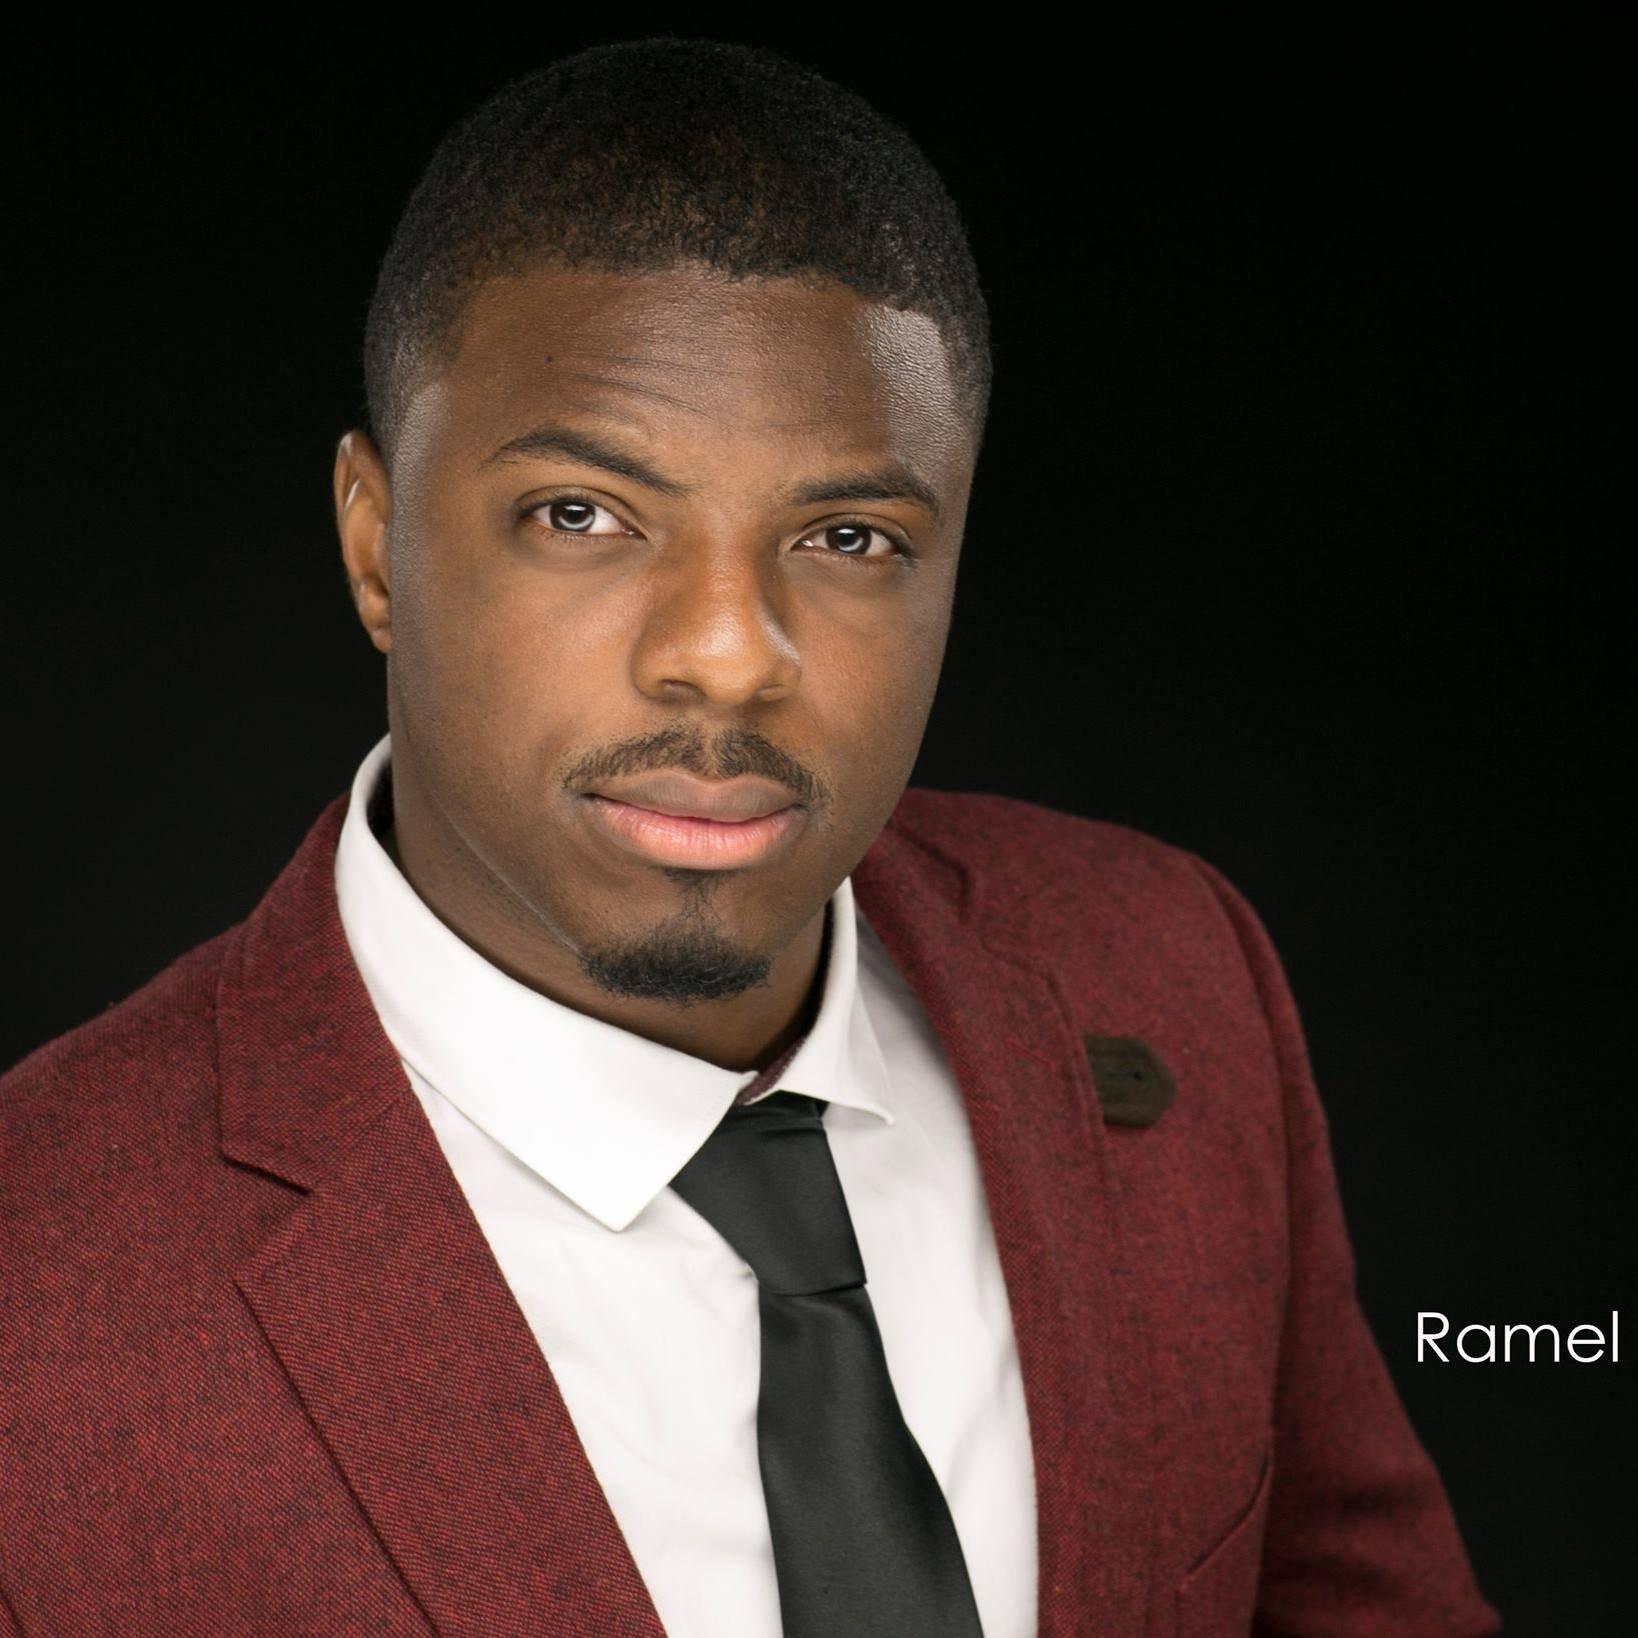 Ramel A.